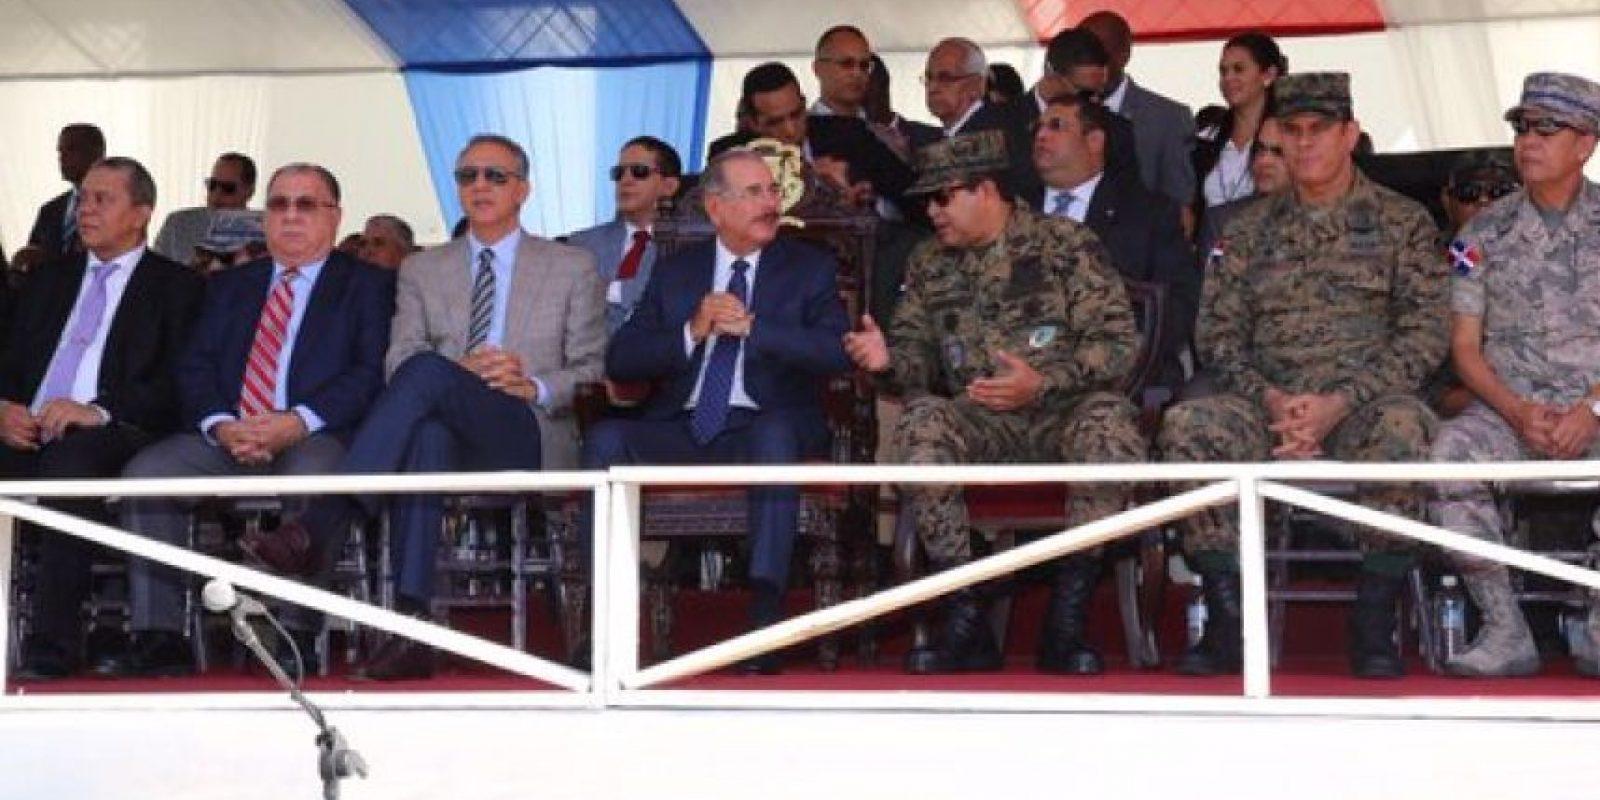 El presidente Medina encabeza los actos por el 172 aniversario de la Batalla del 19 de Marzo Foto:@PresidenciaRD